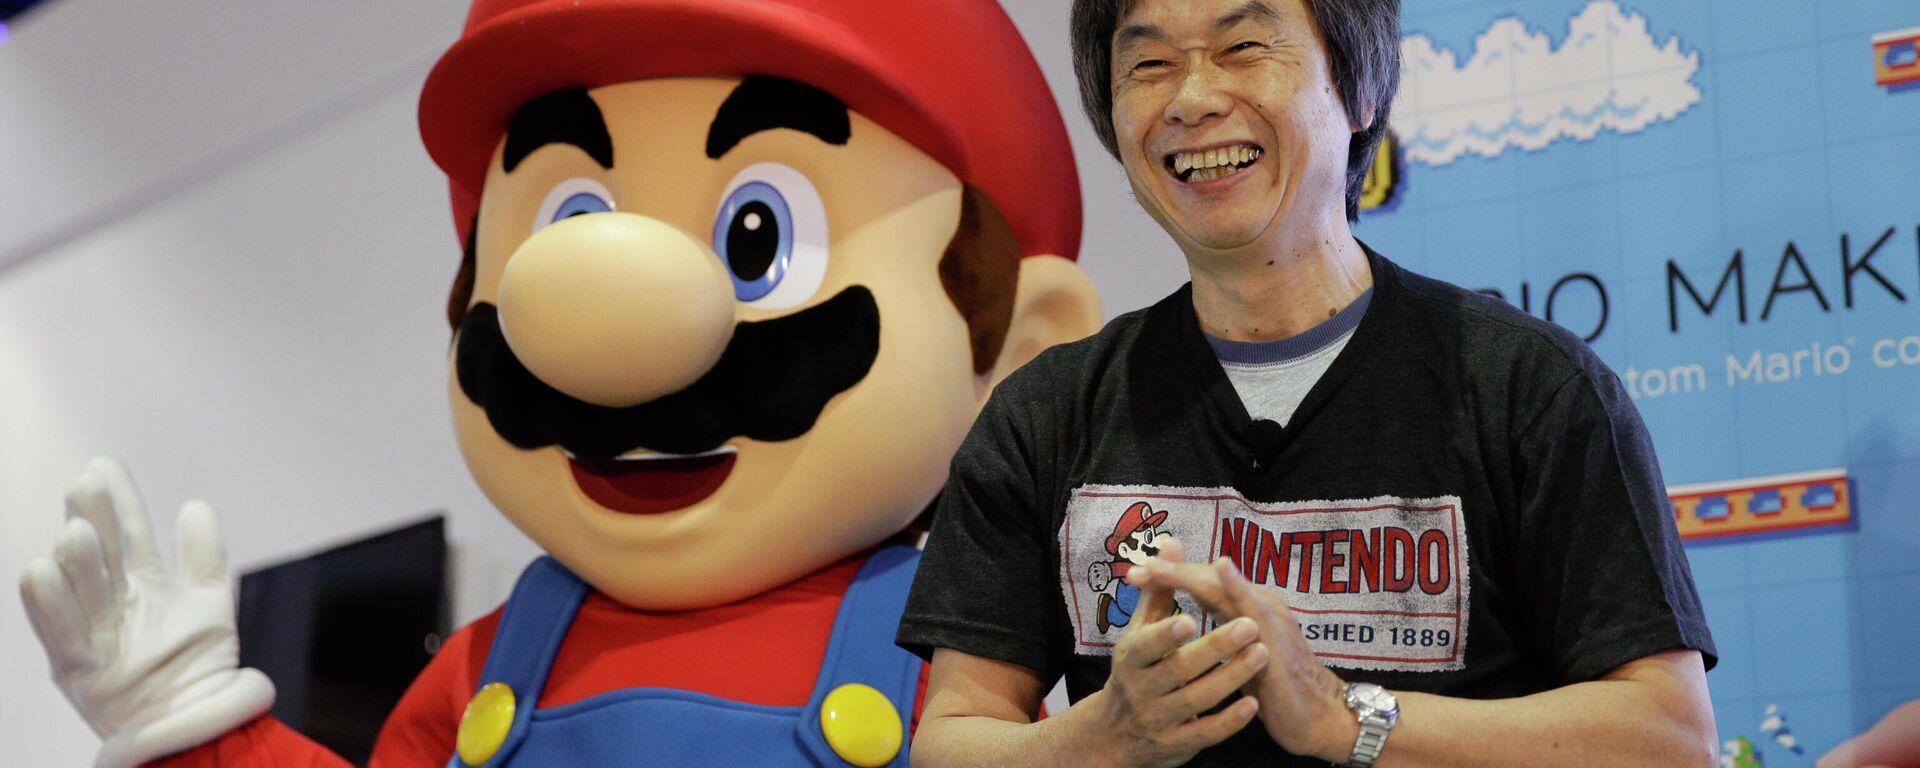 Japanischer Videospieldesigner Shigeru Miyamoto - SNA, 1920, 20.12.2020